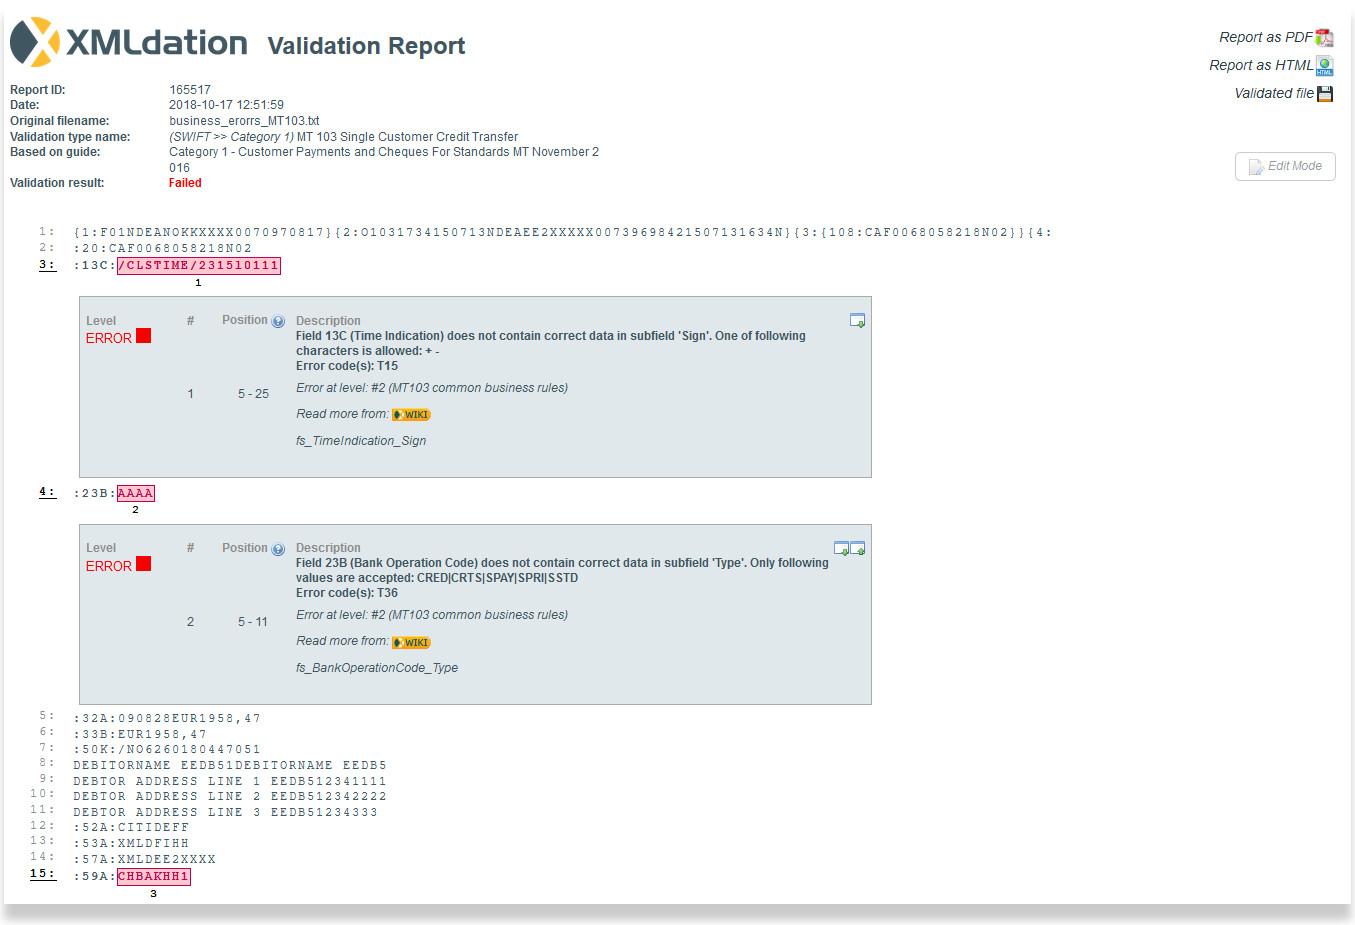 Validation report